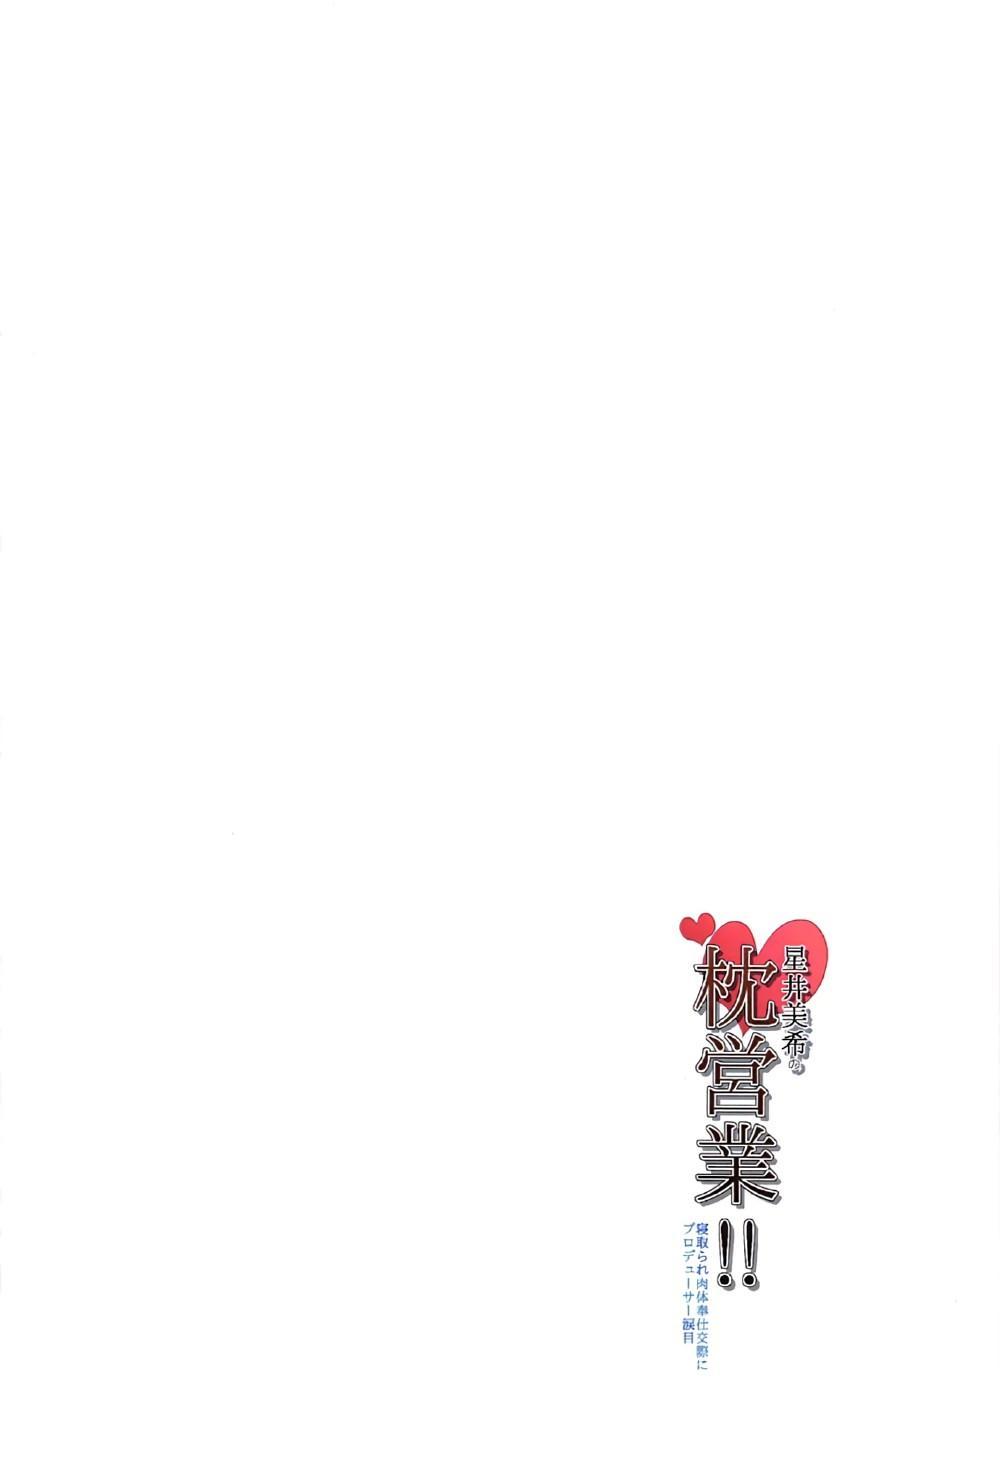 Hoshii Miki no Makura Eigyou!! 34